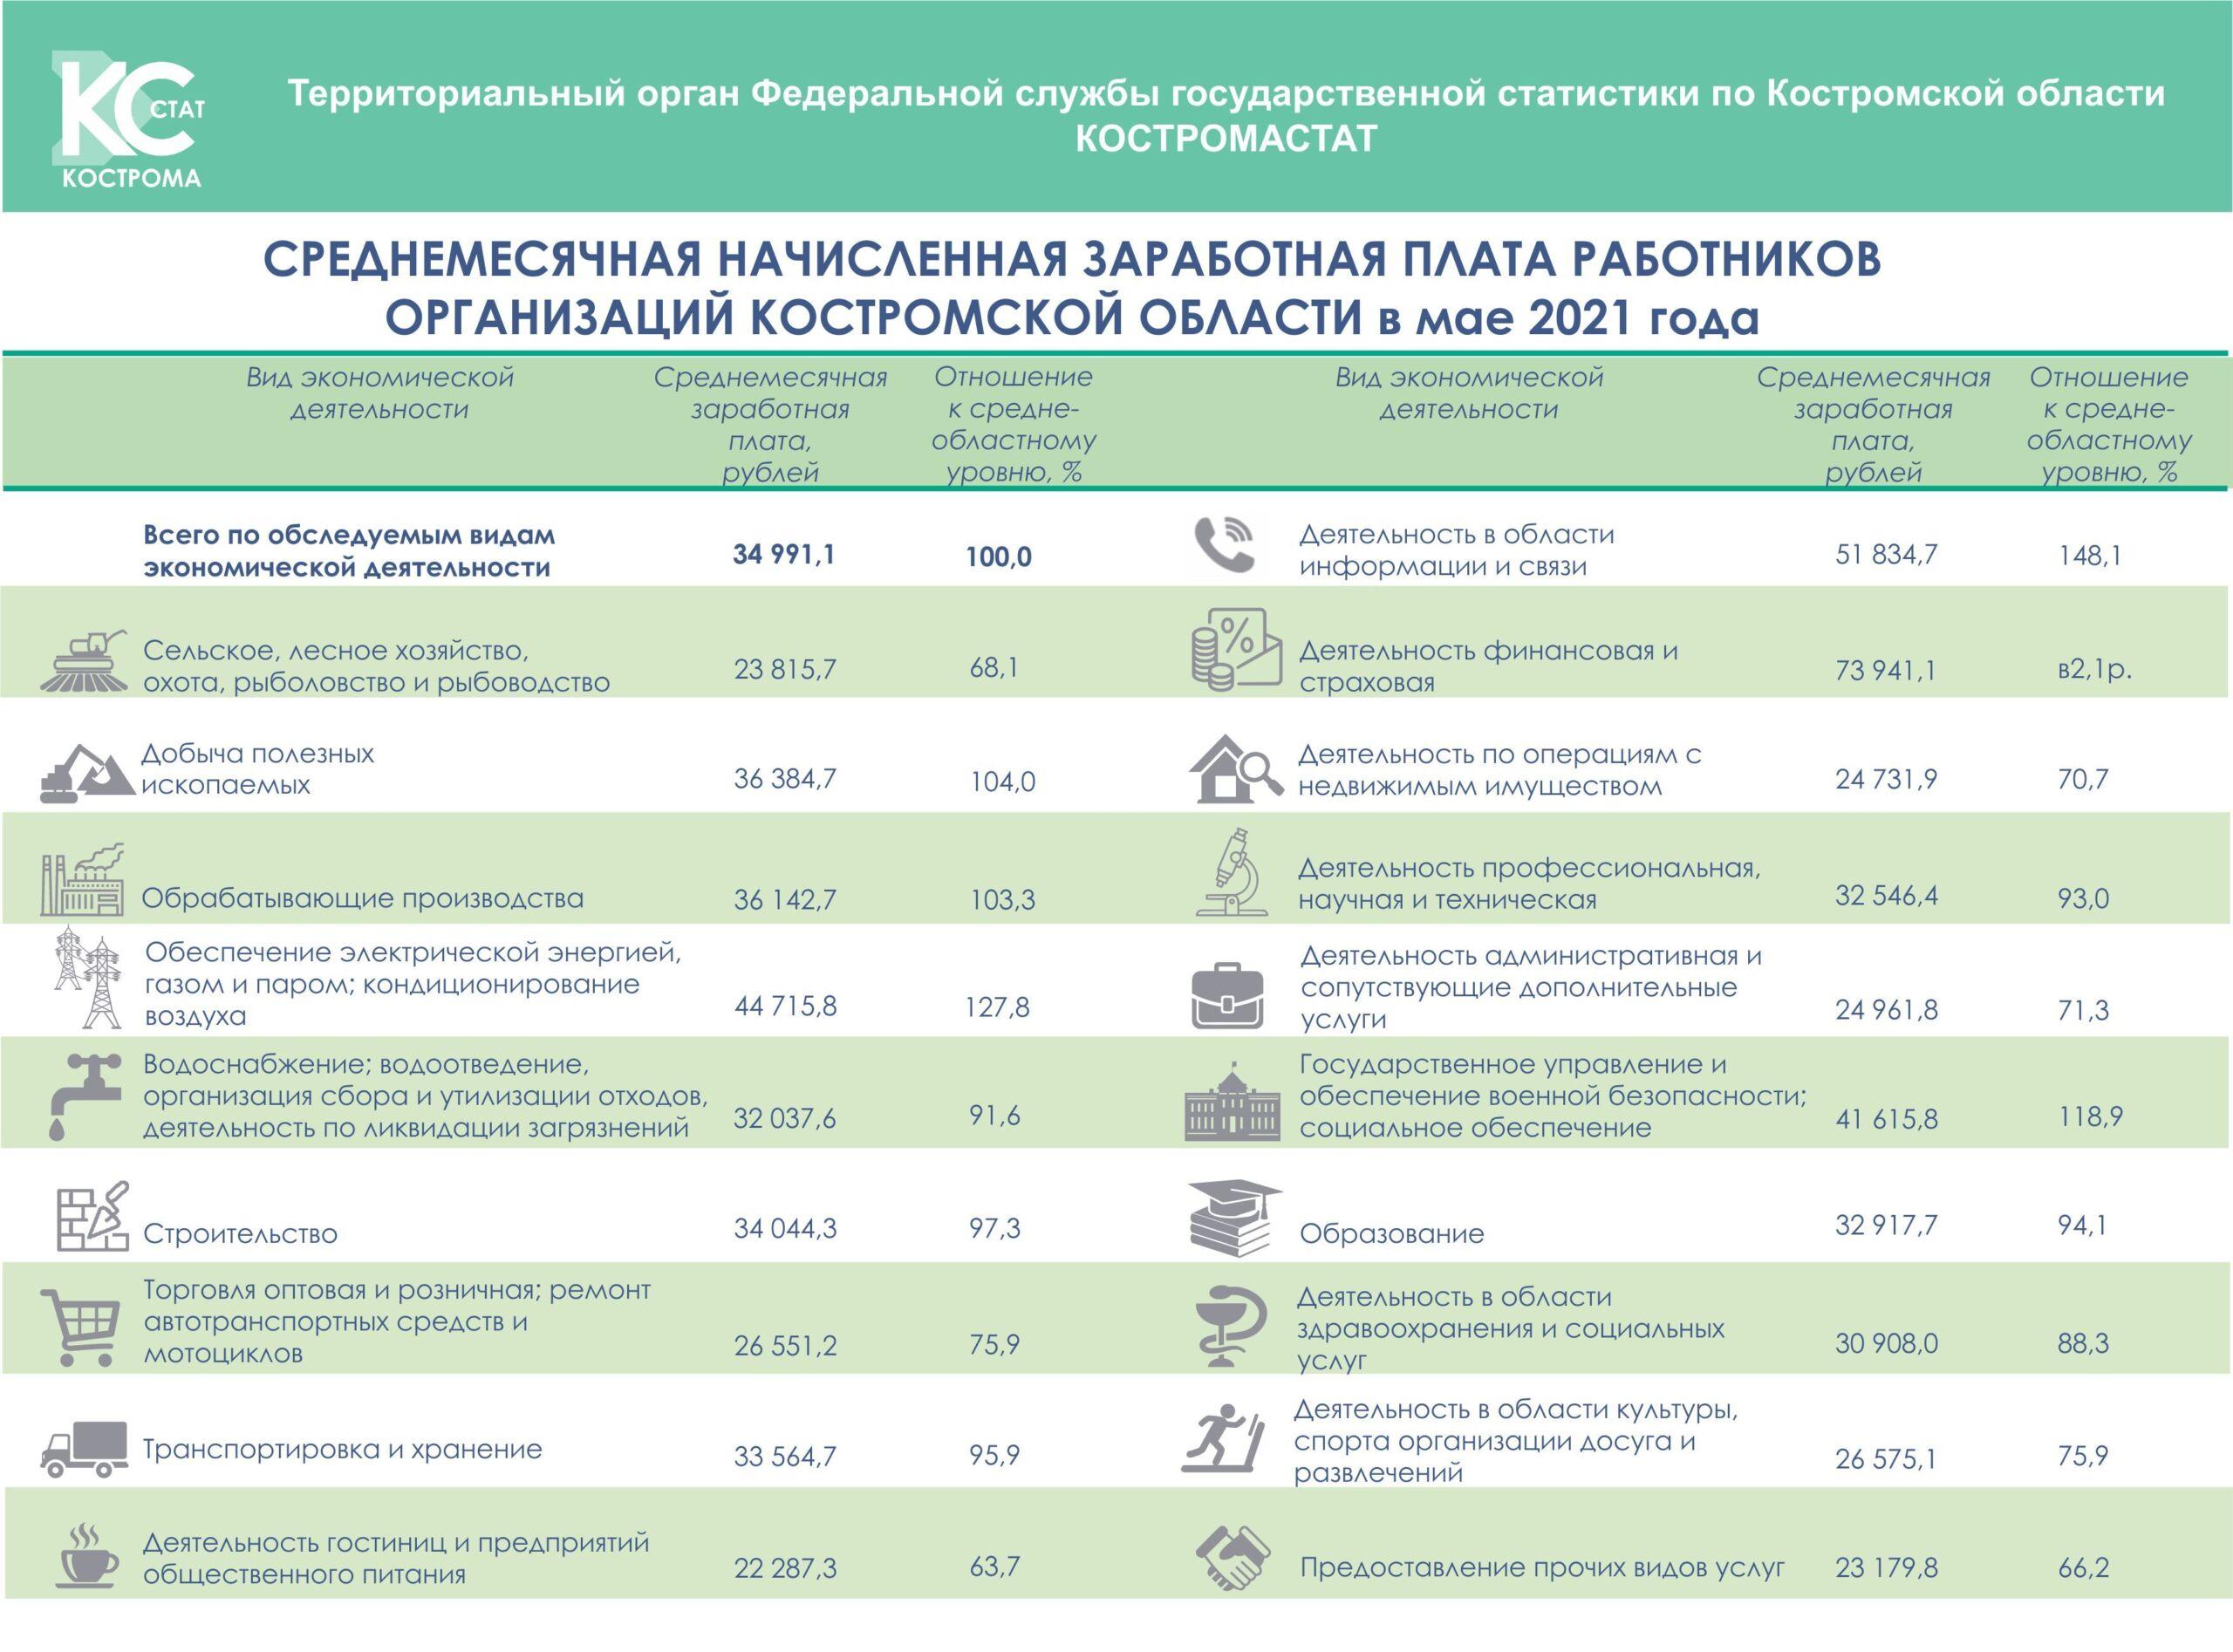 В Костромастате рассказали, какие костромичи зарабатывают по 74 тысячи в месяц